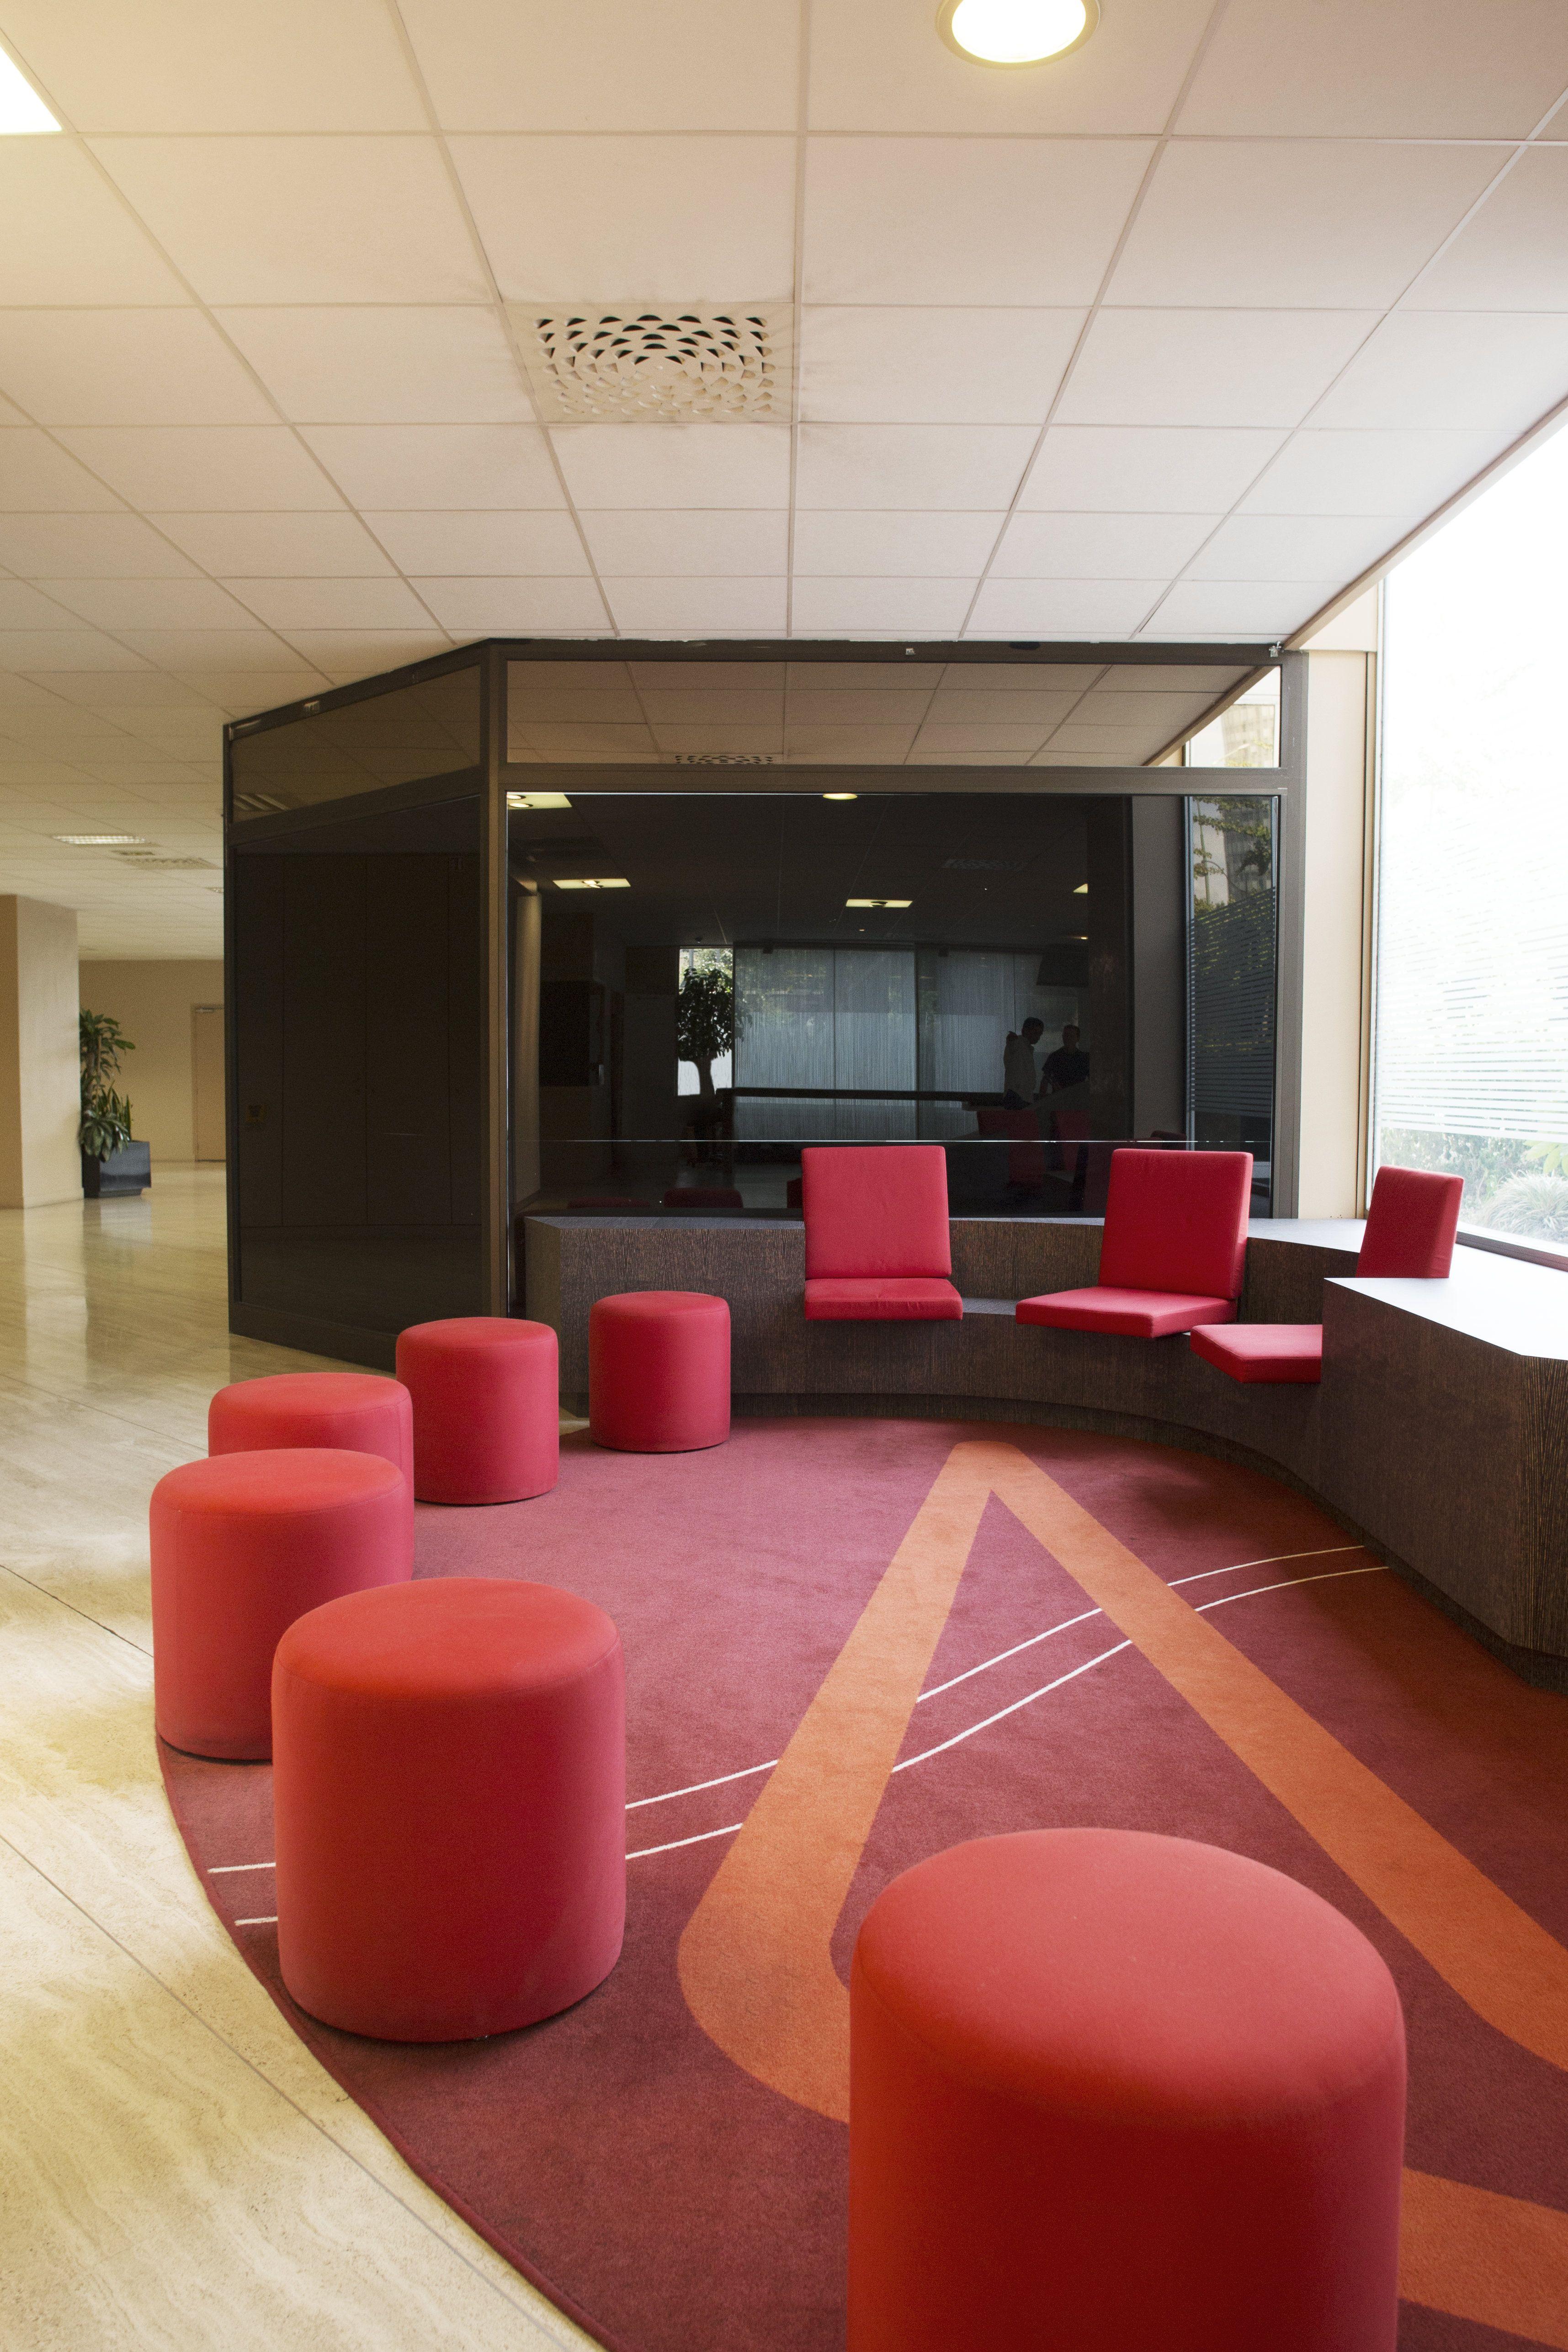 Espace Daccueil Am Nag Par Cl Ram #Style #Design #Bureau